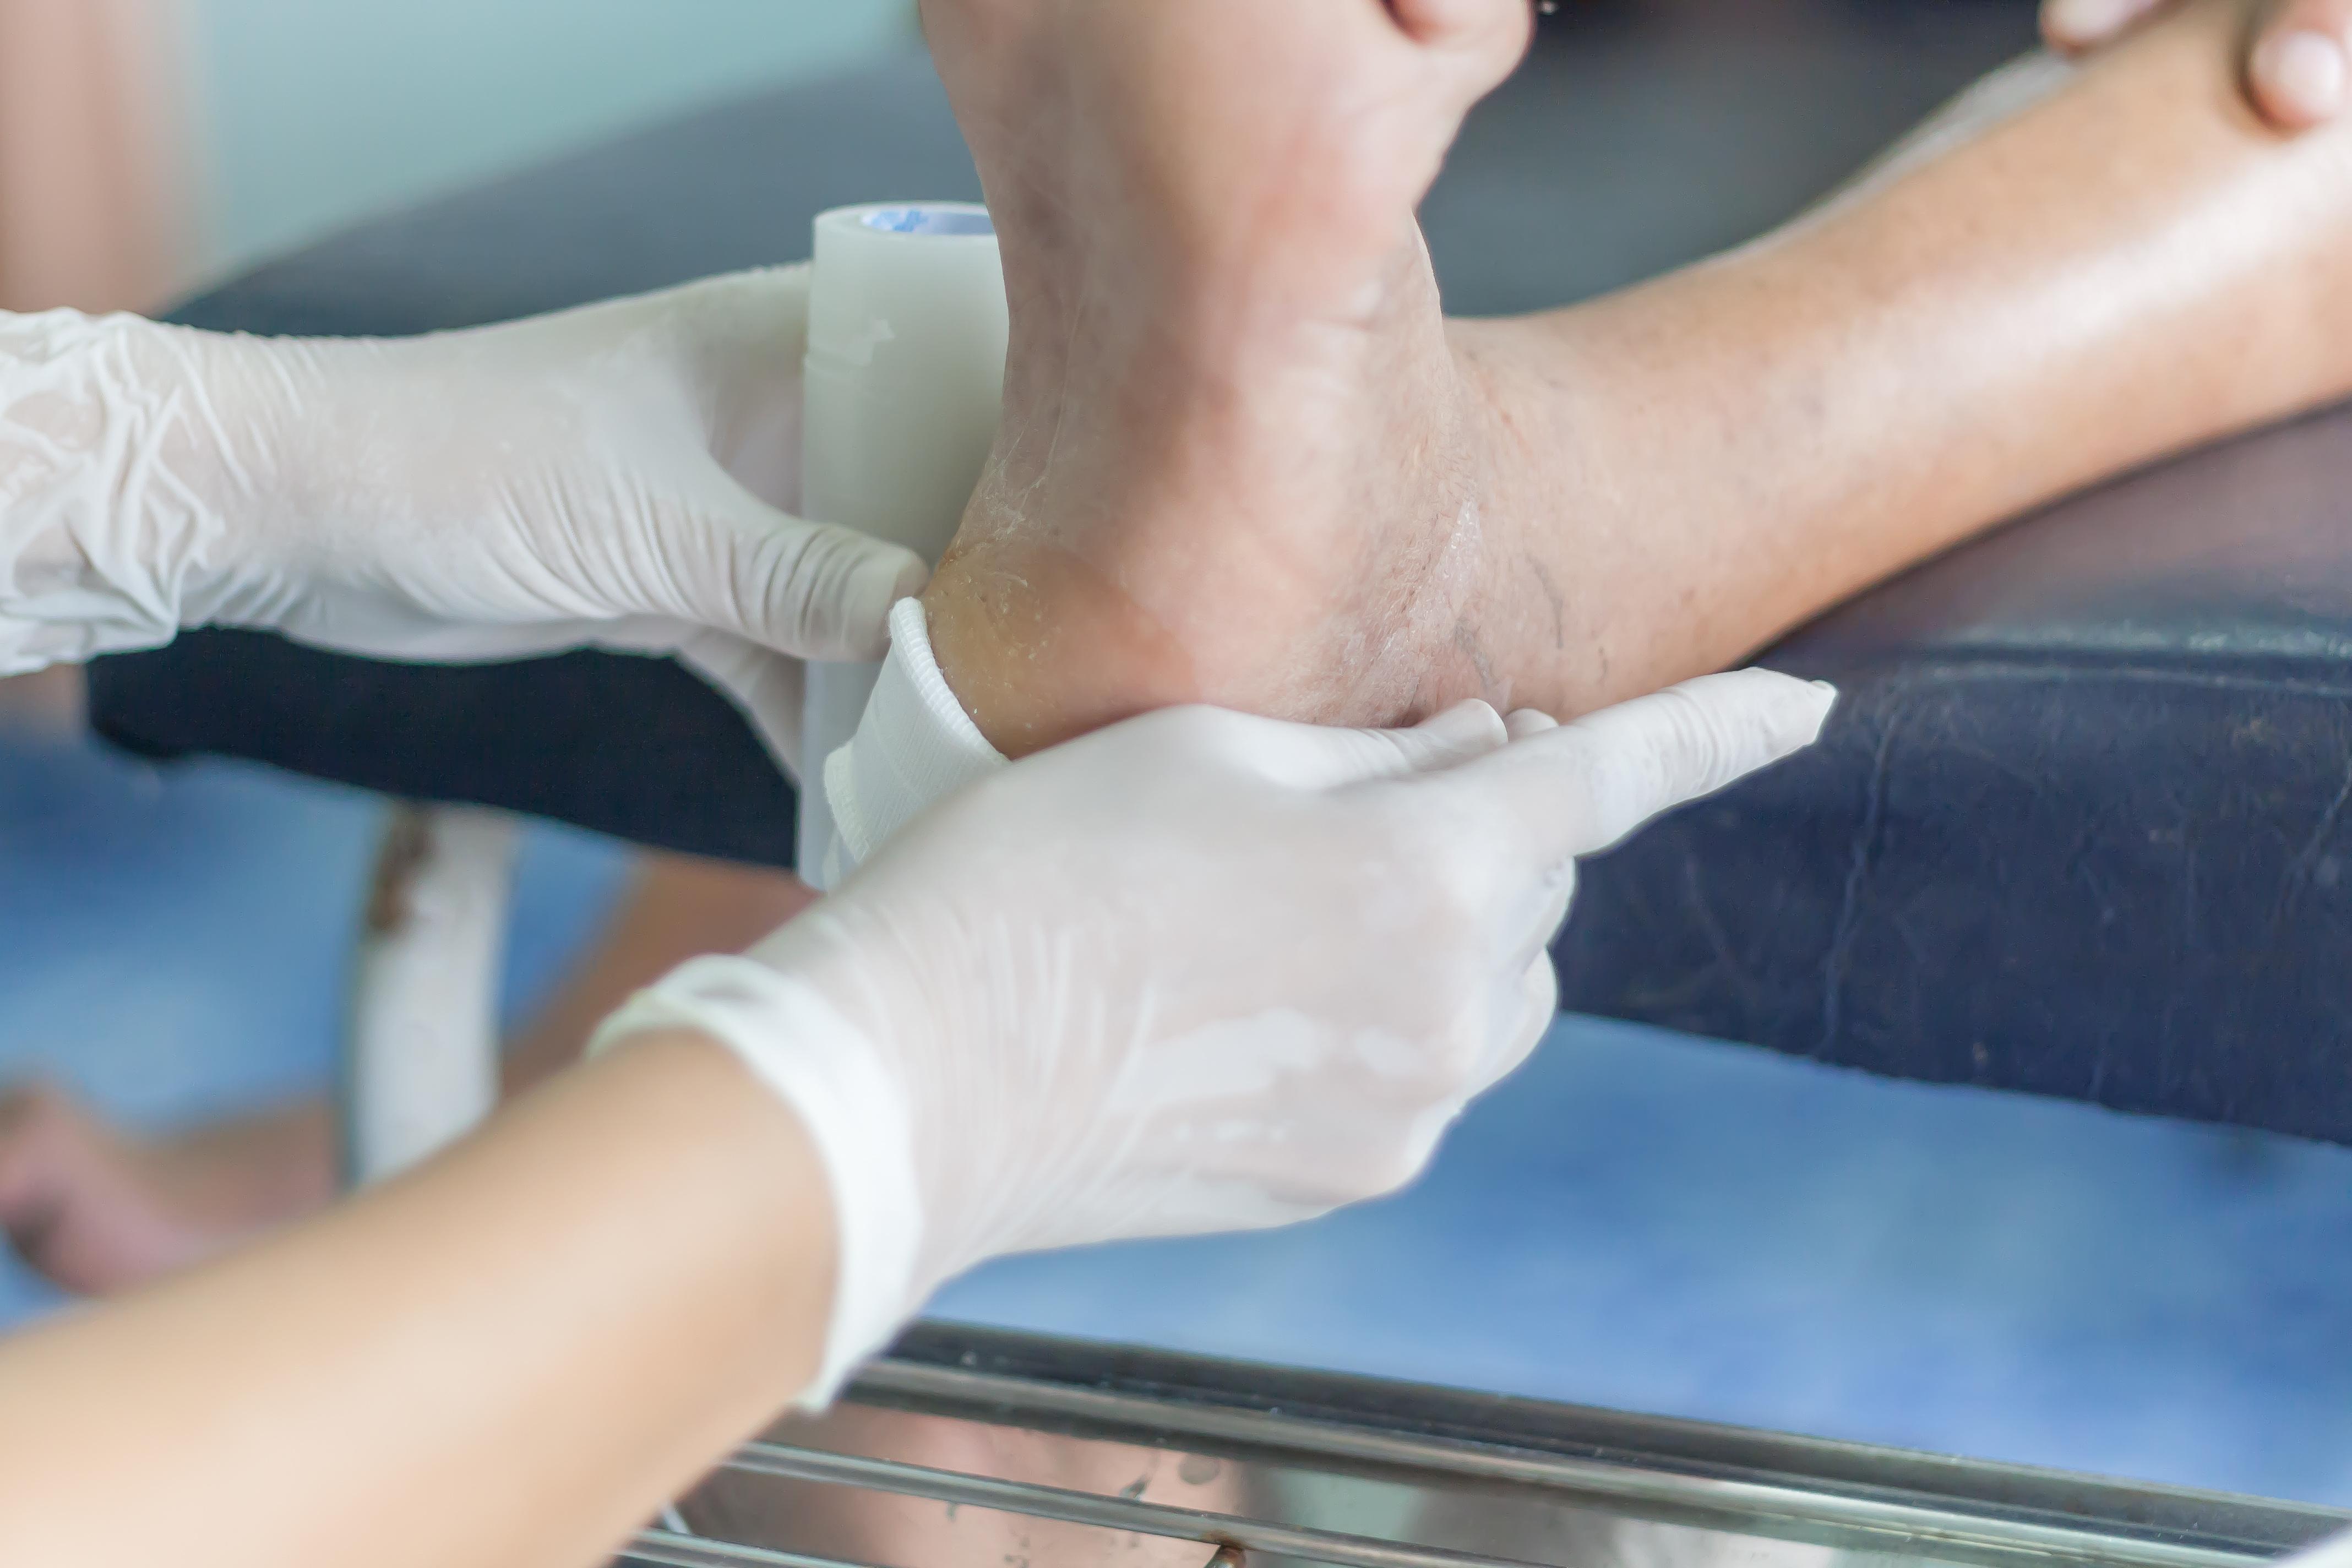 Si pour une personne en bonne santé, une petite coupure ou une égratignure au pied n'est pas préoccupante, pour les patients atteints de diabète de type 2, ces blessures peuvent être fatales.